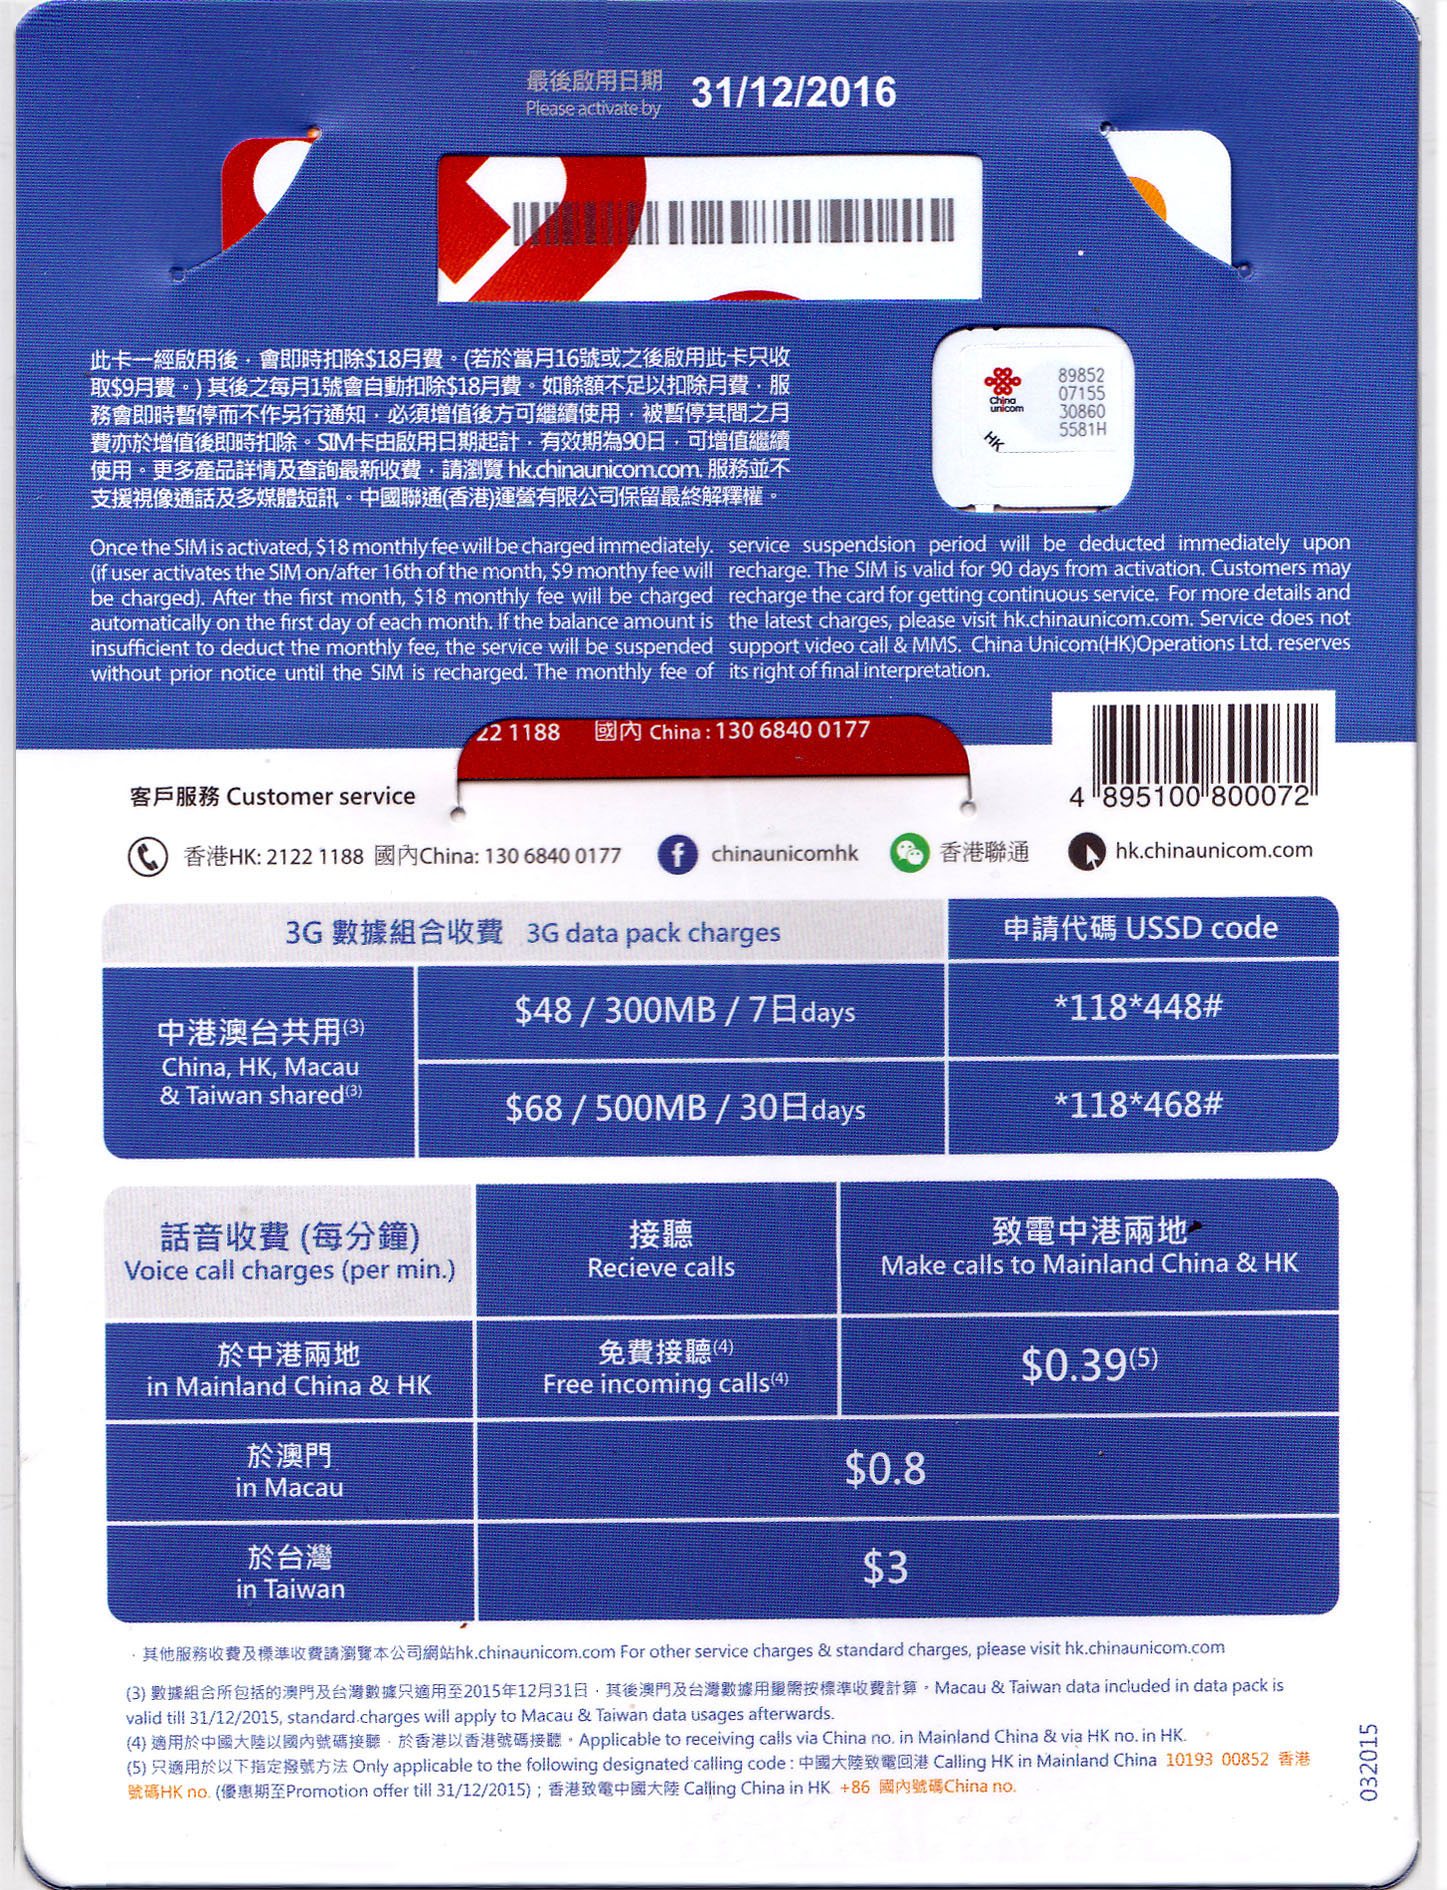 中國聯通(香港) China Unicom HK 跨境王3G加強版一卡兩號增值充值儲值卡方法問題 cross border king dual-number prepaid sim card